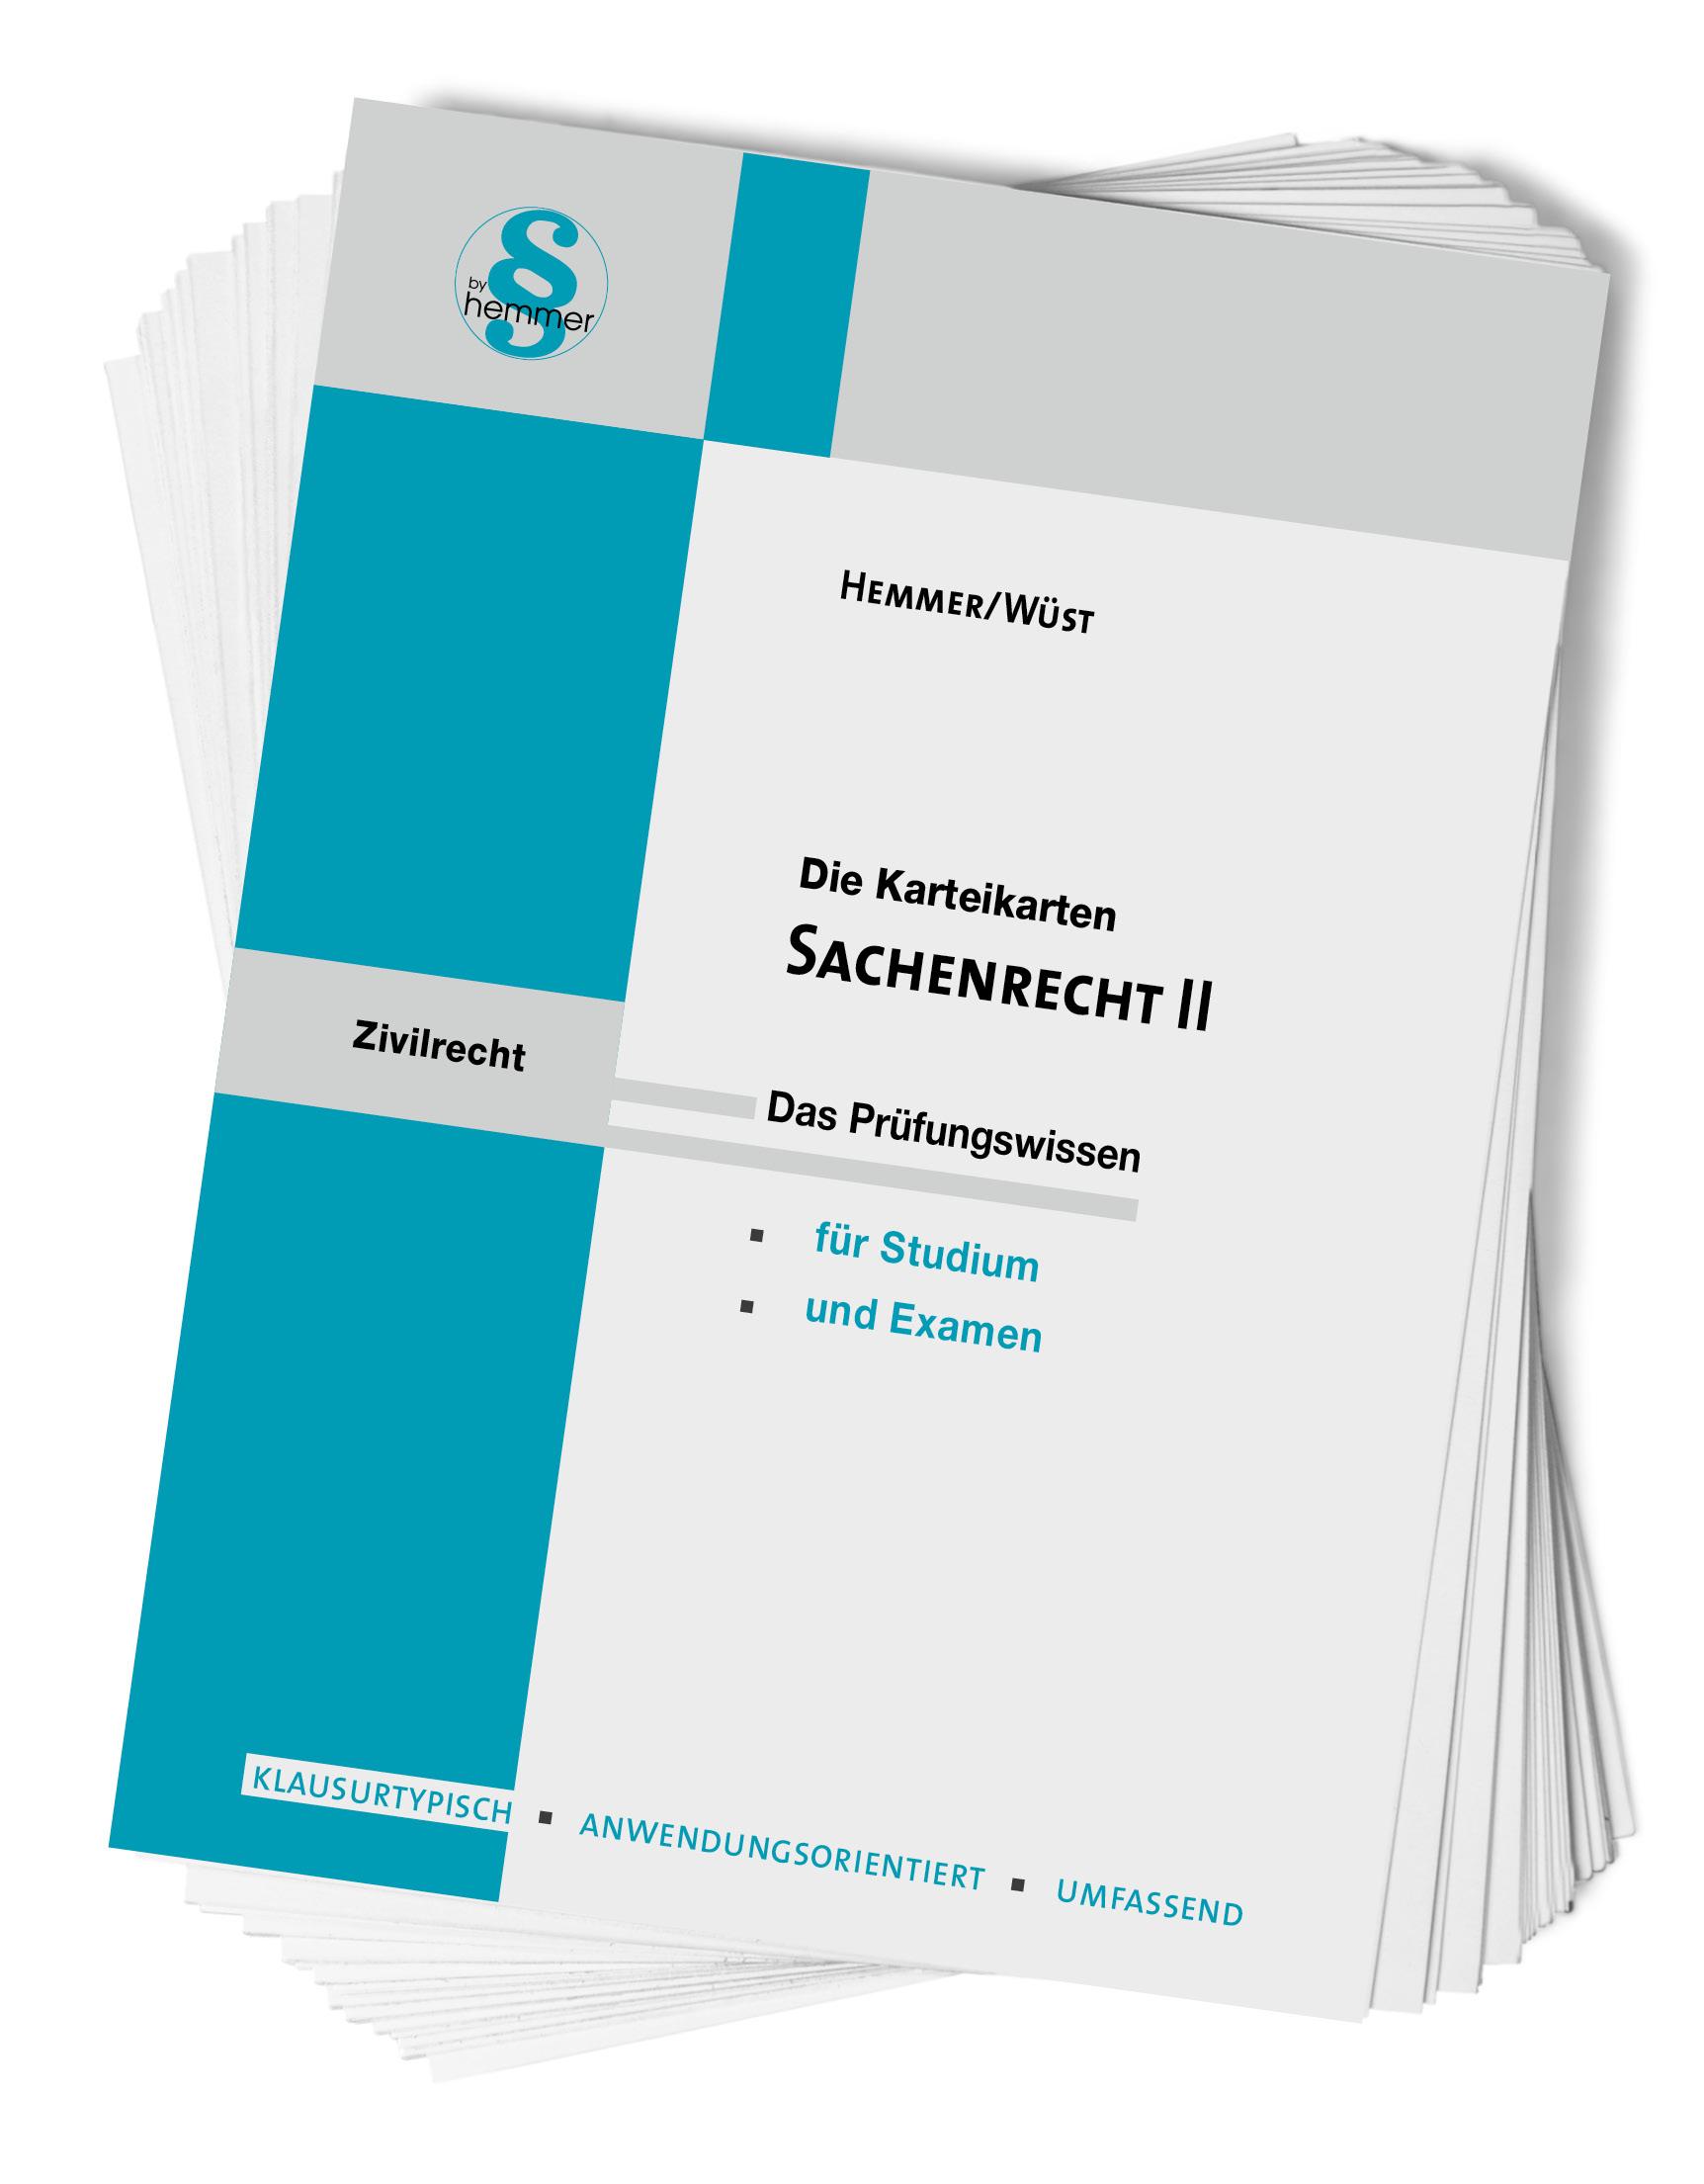 Karteikarten Sachenrecht II